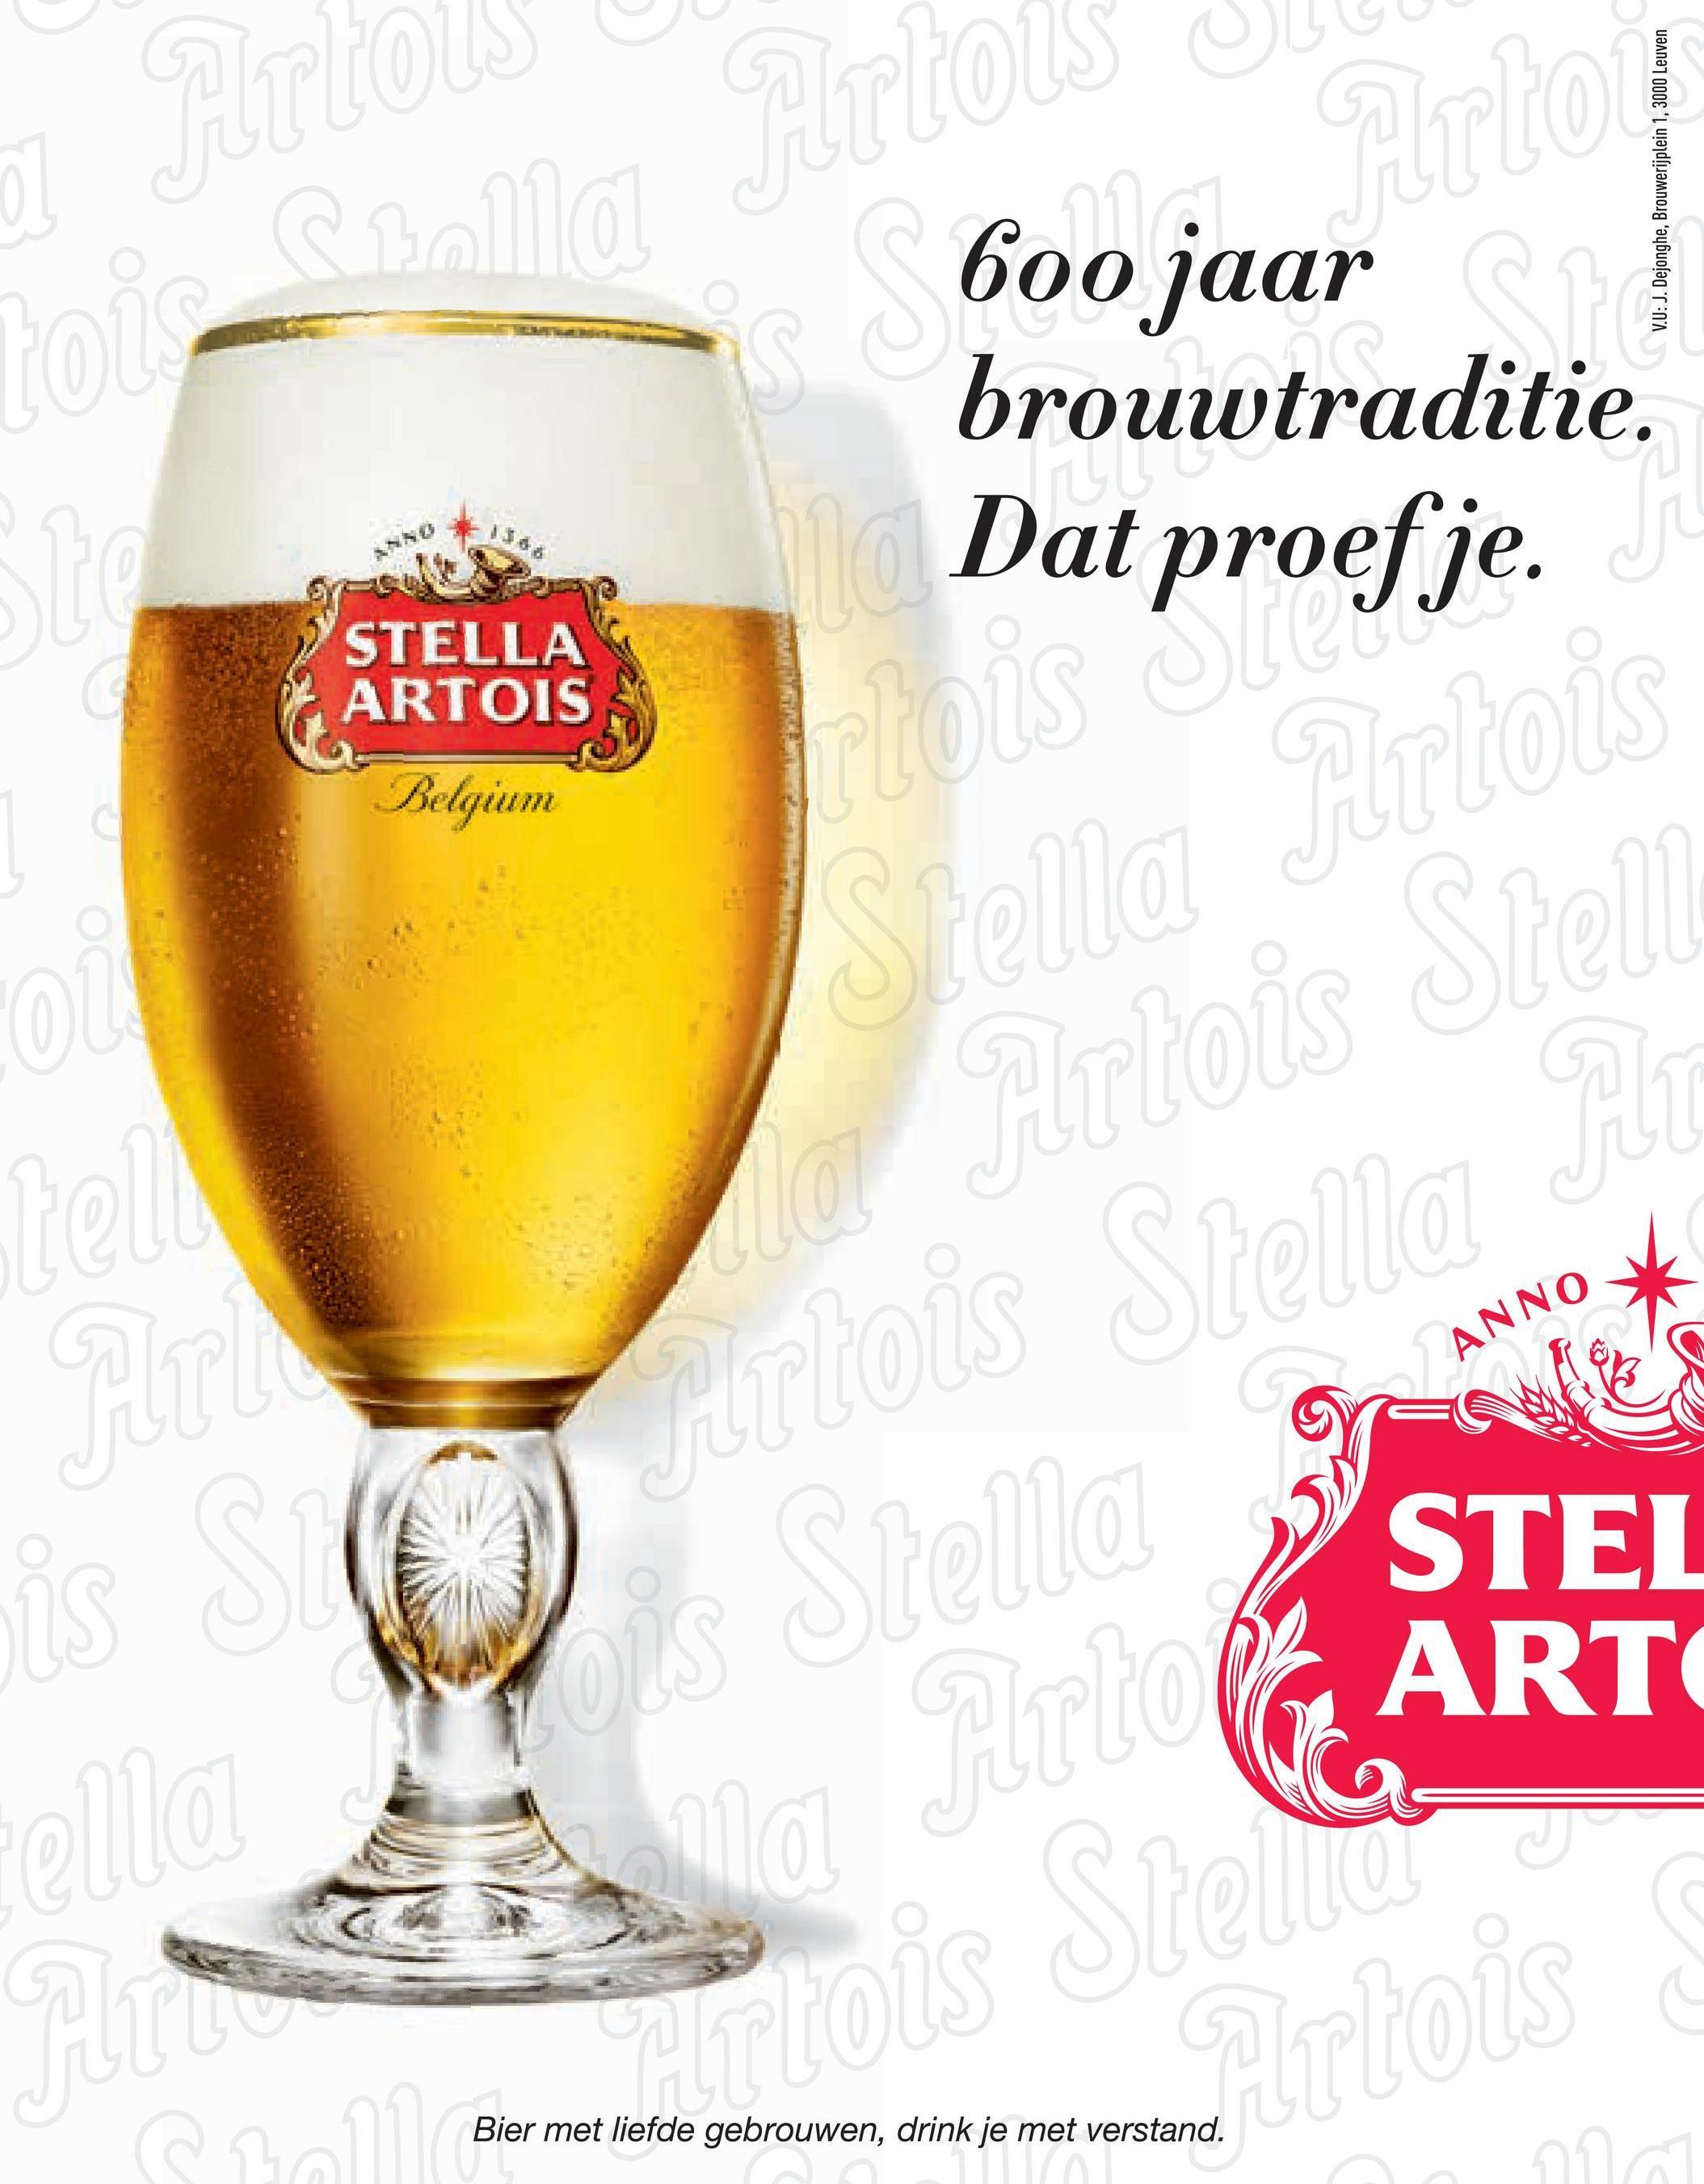 V.U: J. Dejonghe, Brouwerijplein 1, 3000 Leuven 600 jaar brouwtraditie. Dat proefje. STELLA KARTOIS Belgium ANNO > STEI WARTO Bier met liefde gebrouwen, drink je met verstand.